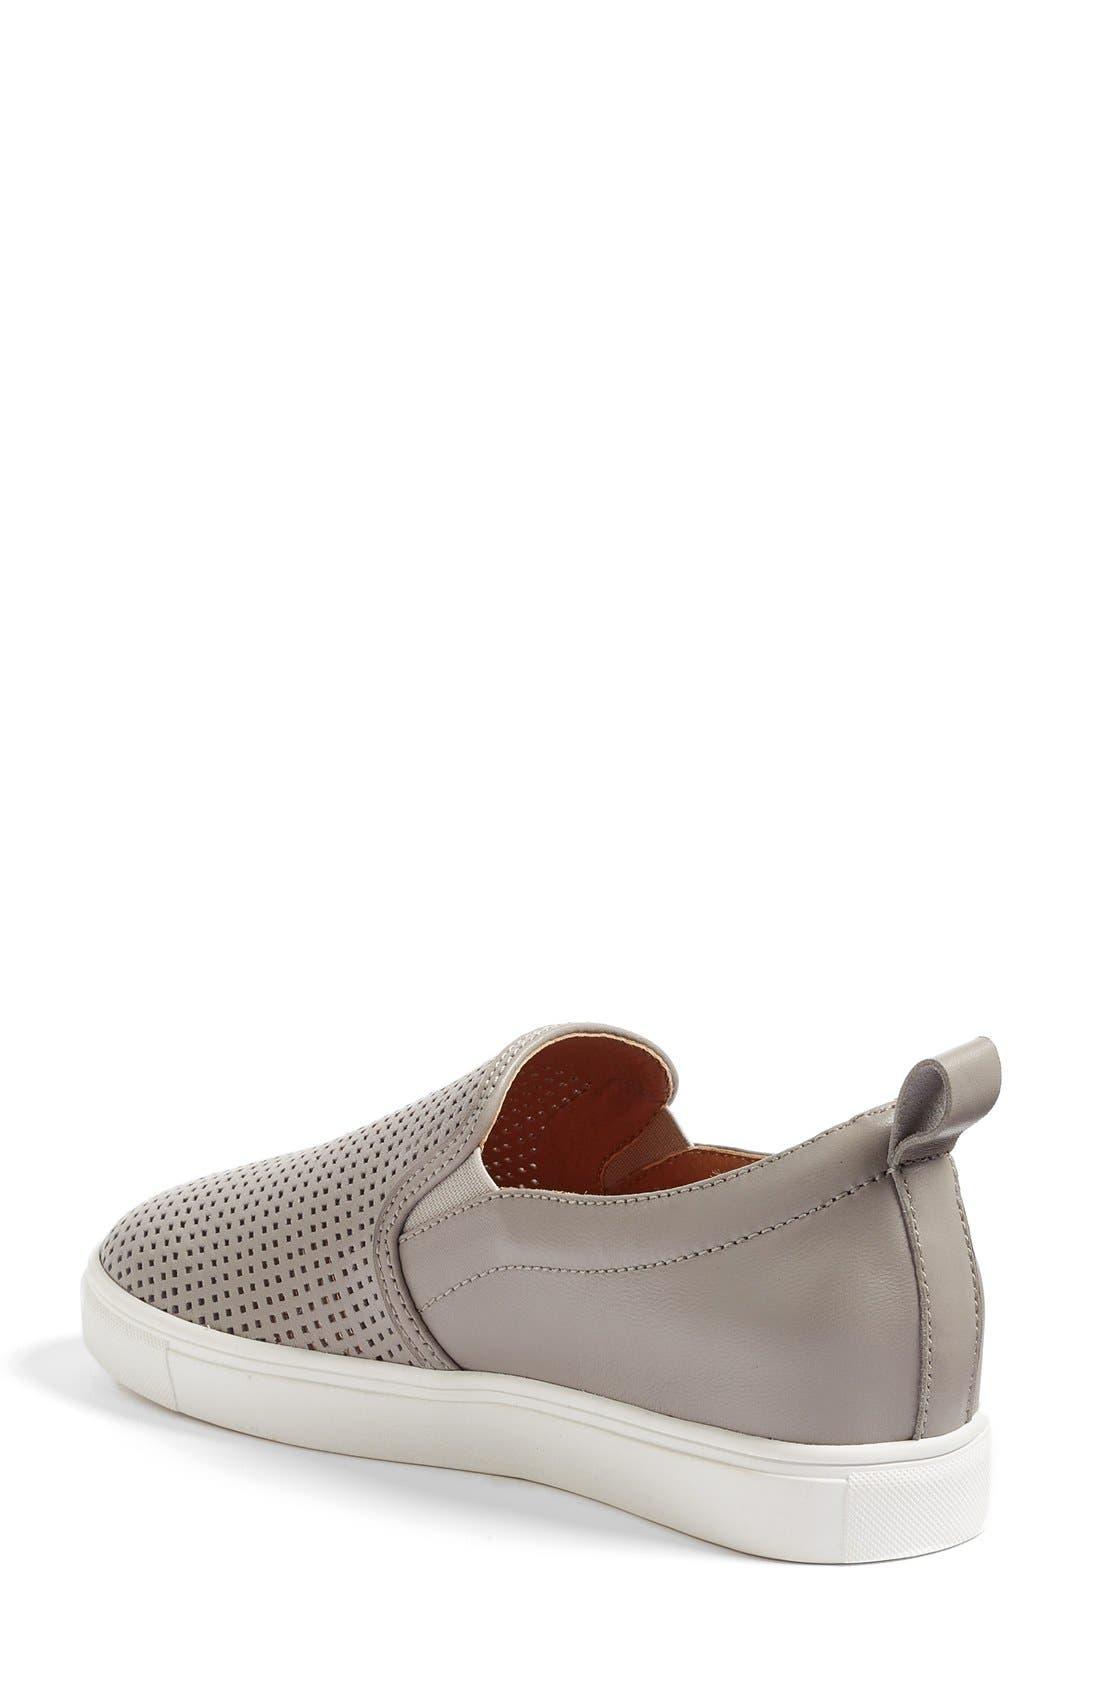 Eden Perforated Slip-On Sneaker,                             Alternate thumbnail 23, color,